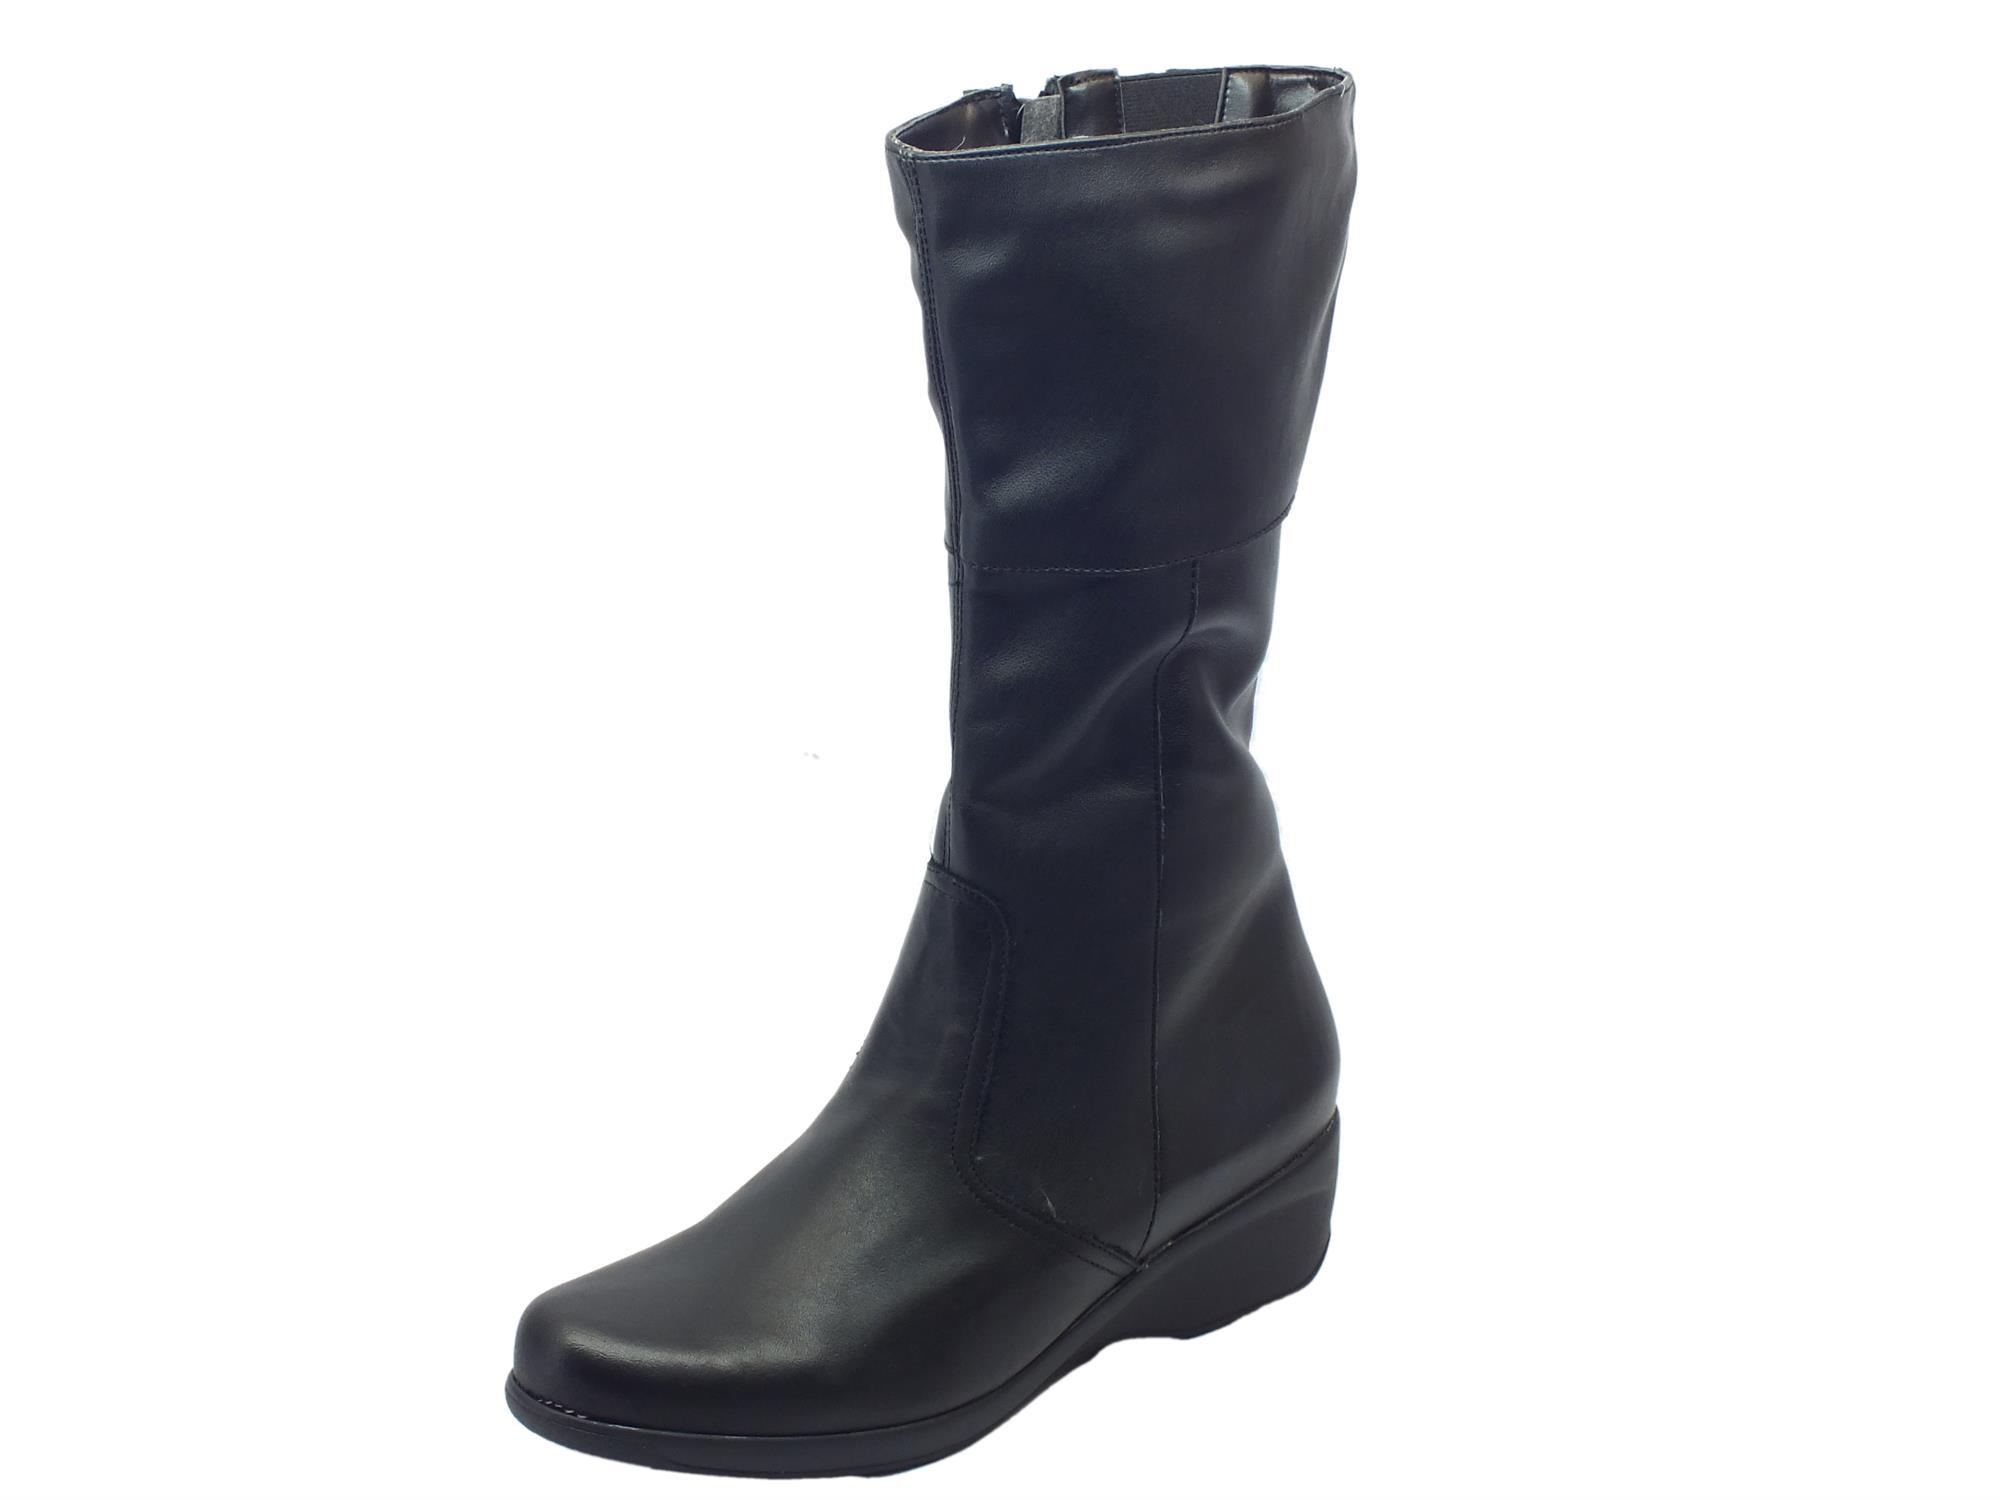 Stivali donna Cinzia Soft pelle elasticizzata nera zeppa - Vitiello ... 8777c392800